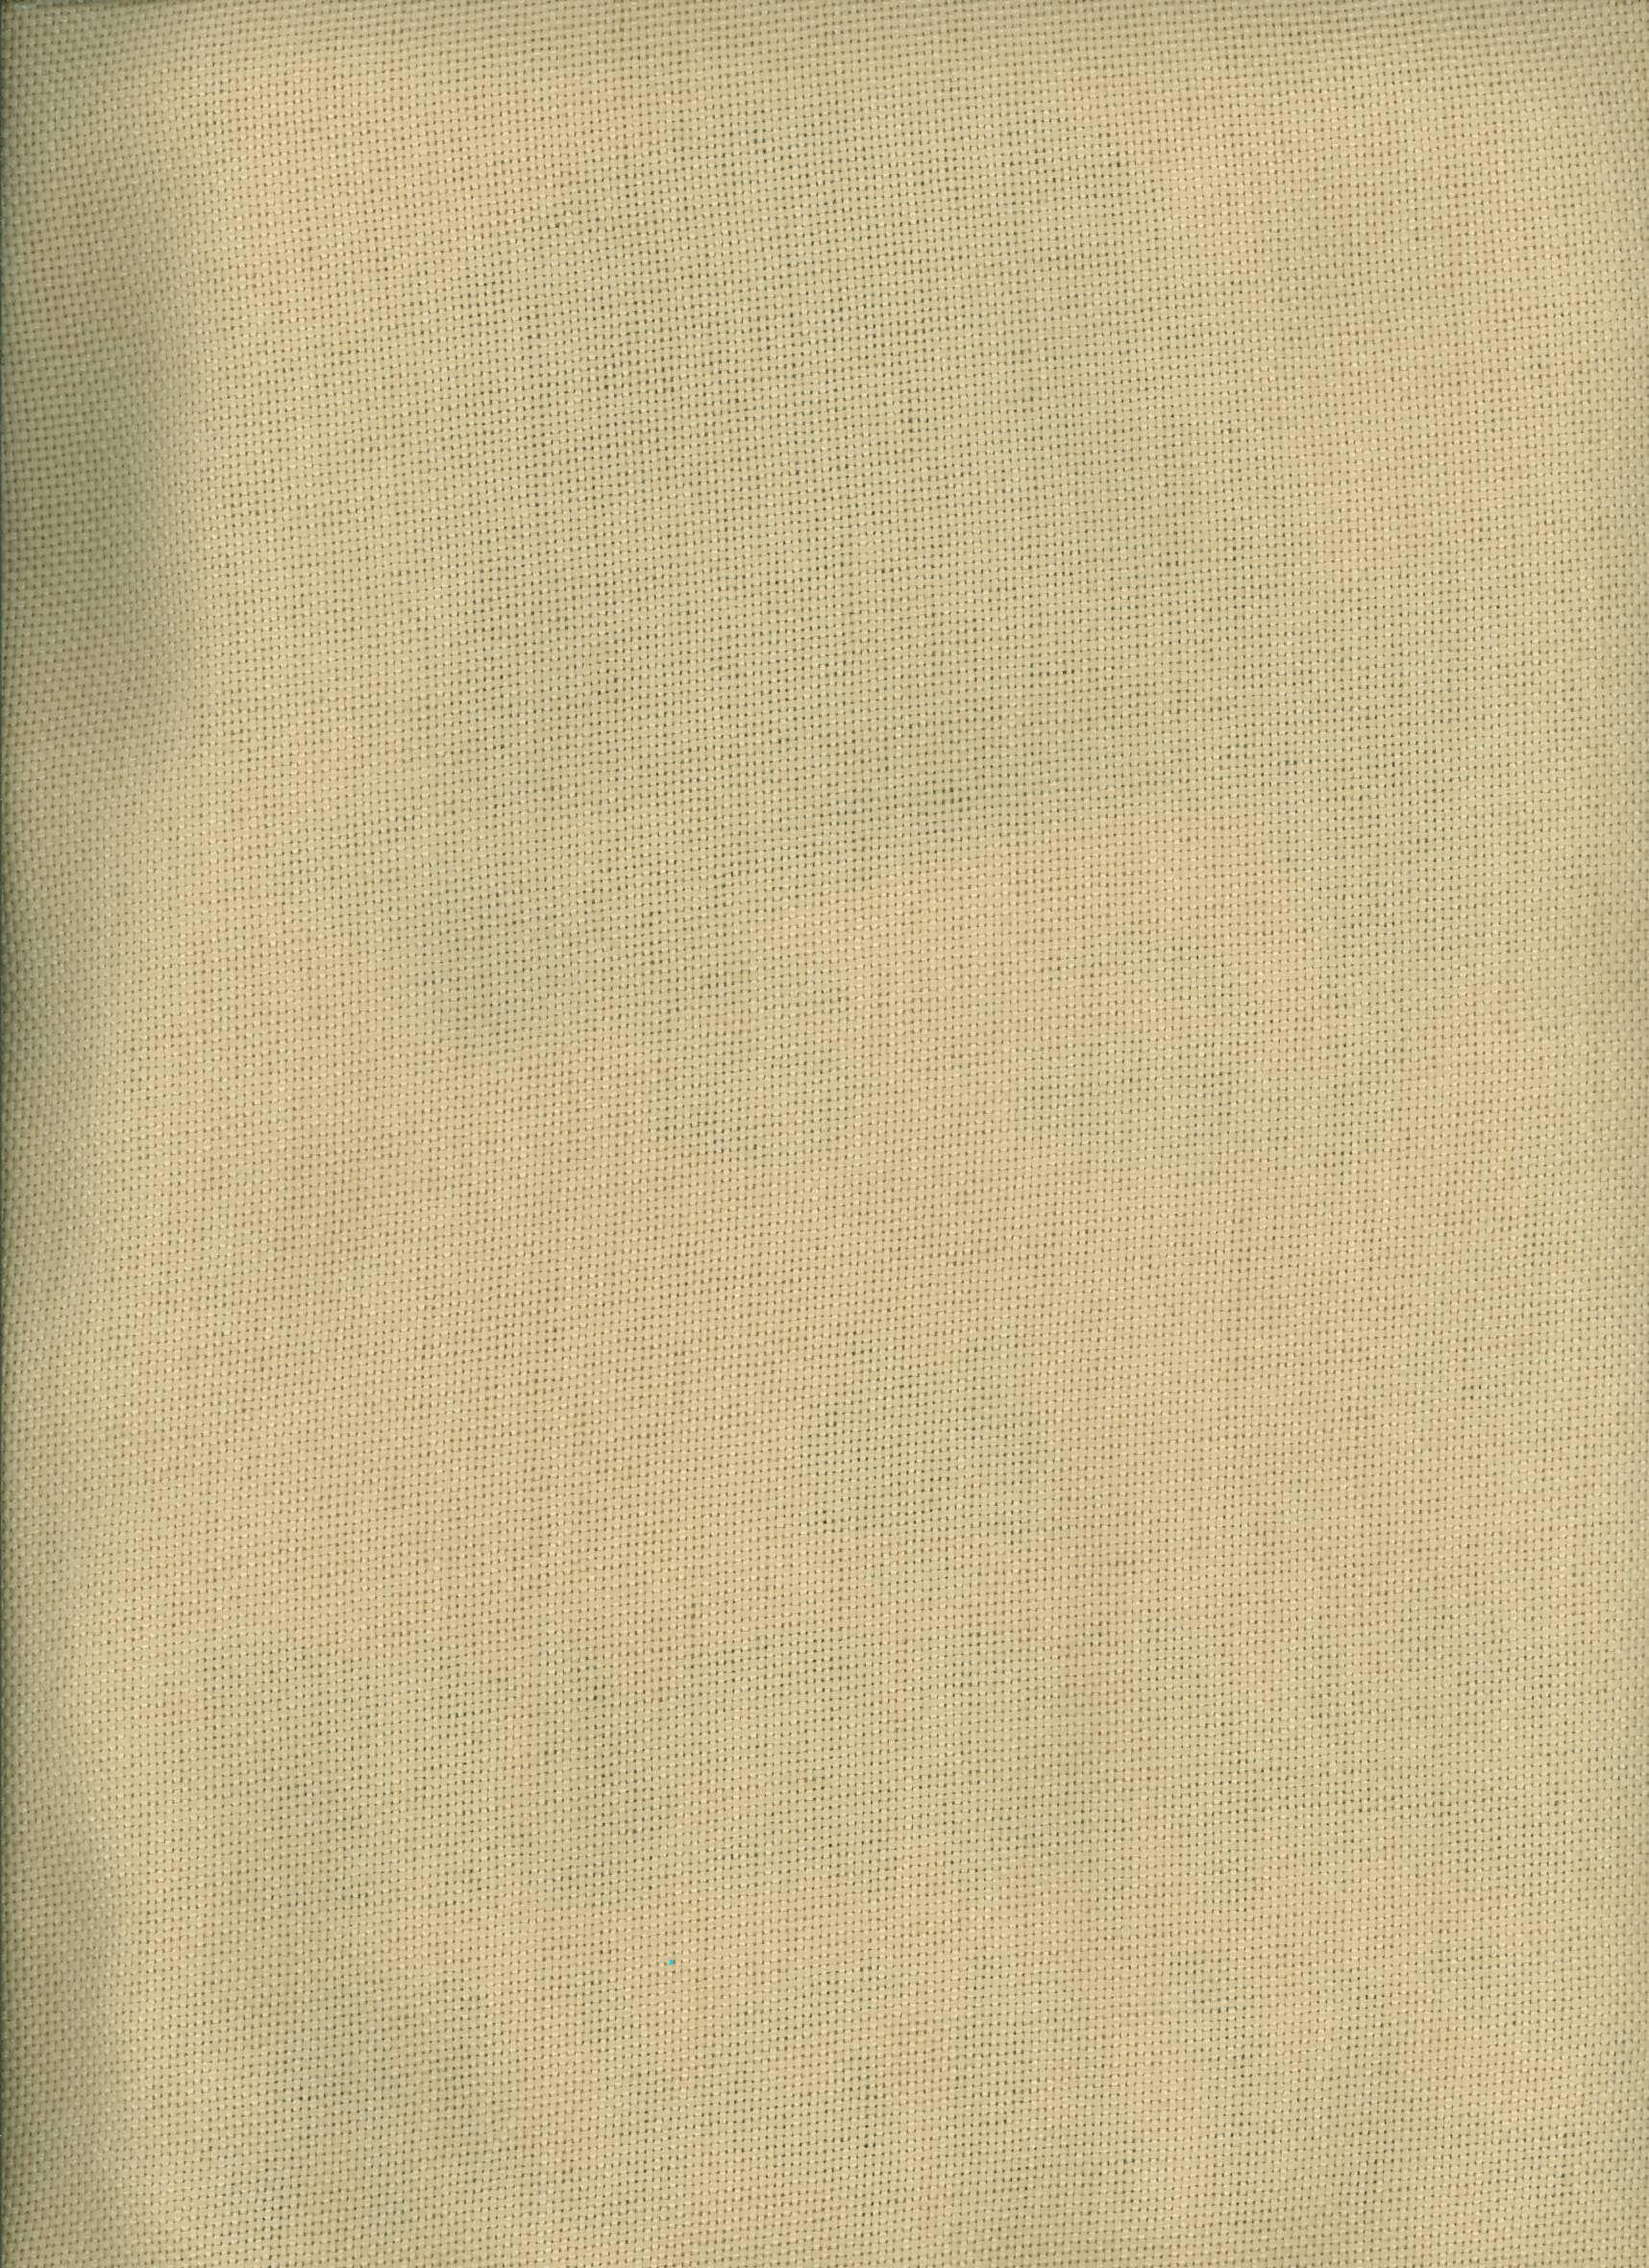 کیف پارچه ای بزرگ (کد 214)،(طرح چارلی چاپلین)